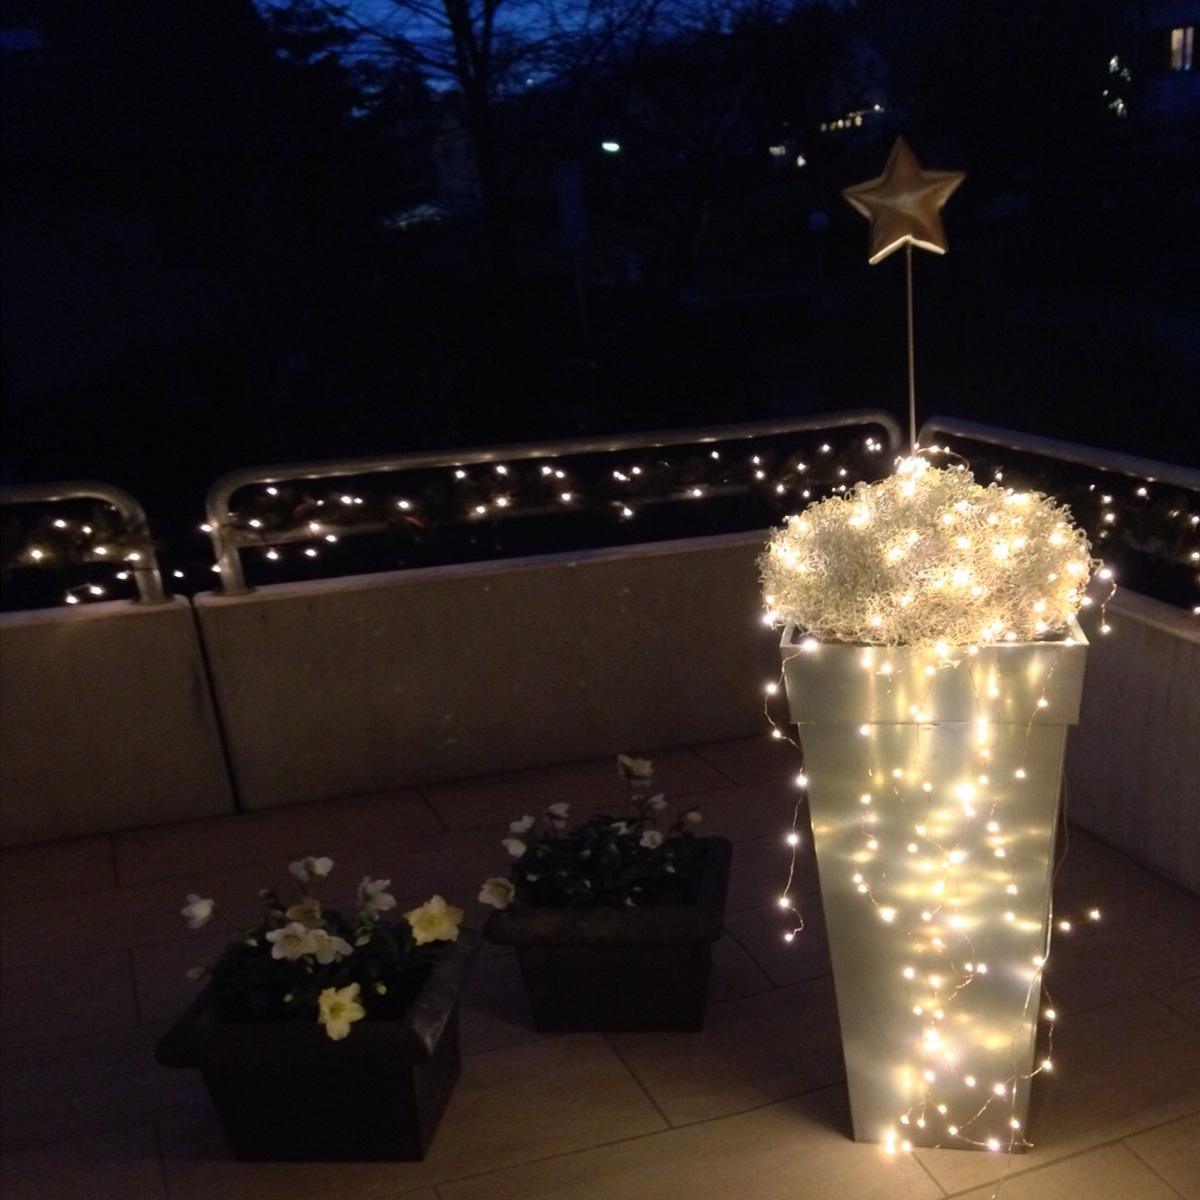 Kaskadenlichterketten auch für Pflanzentopf